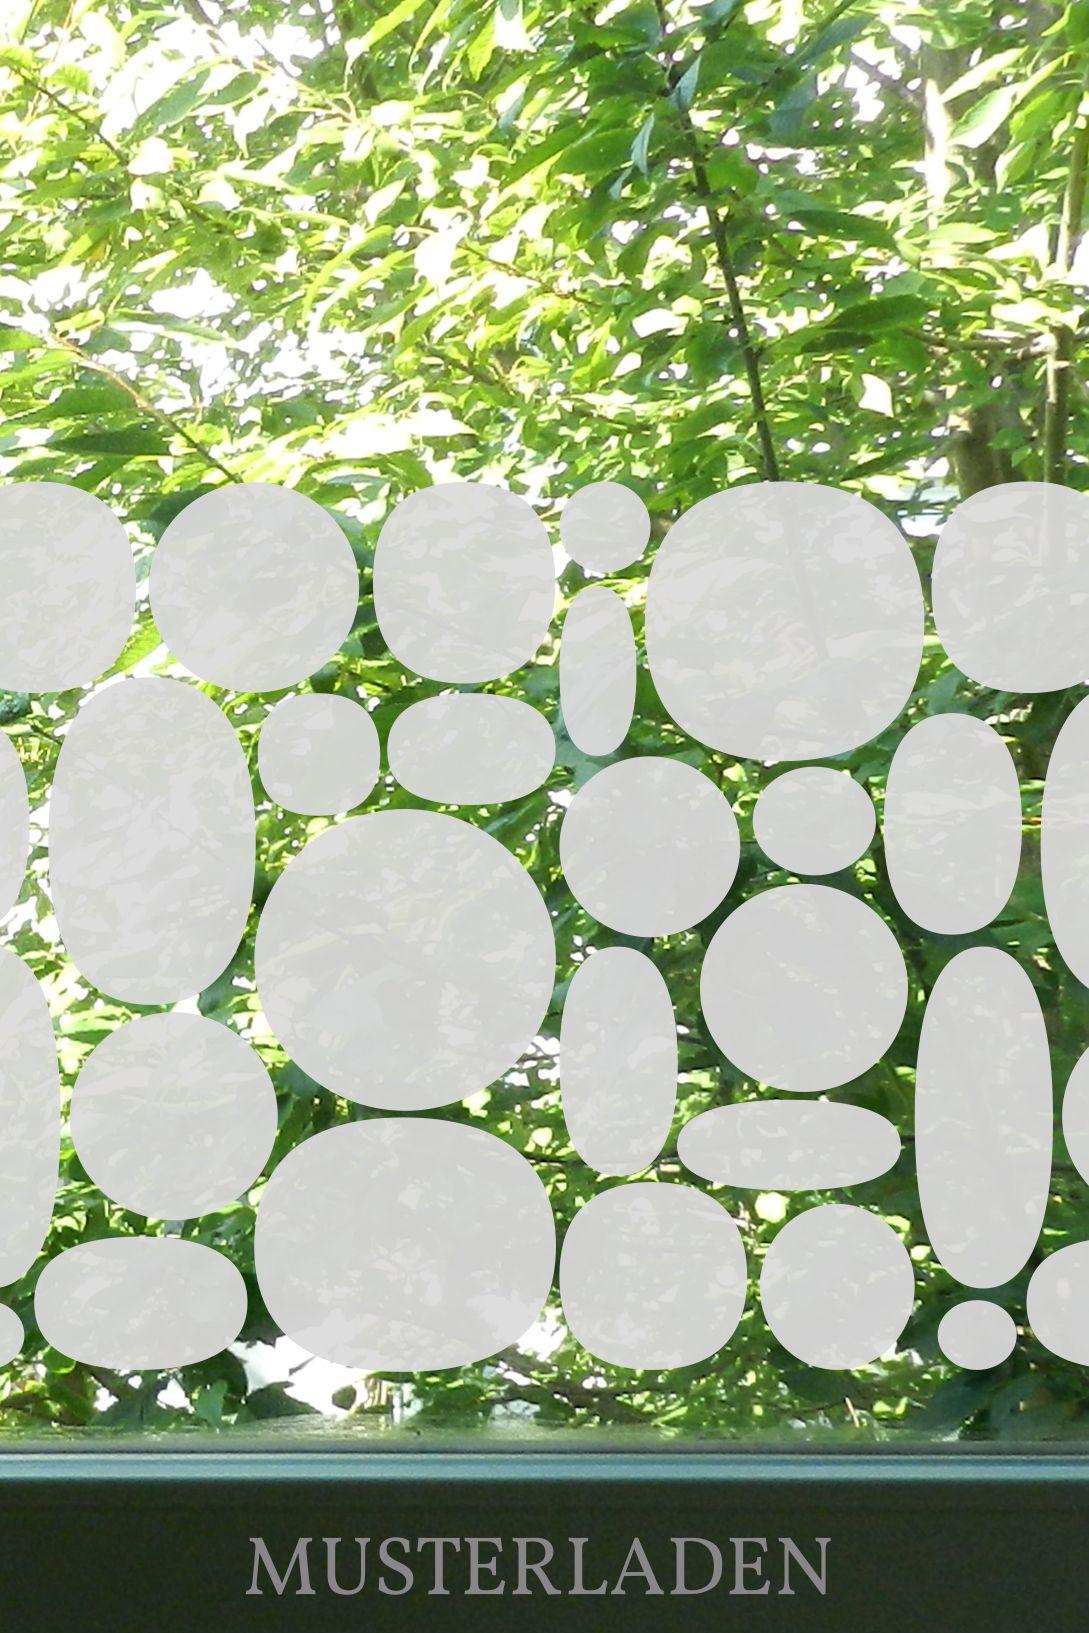 Milchglasfolie Dekorativ Bestehend Aus Kugeln Selbstklebende Glasdekorfolie Die Als Sichtschutz Und Fensterschmuck Dient Fenster Fensterfolie Fenster Dekor Und Wandtattoos